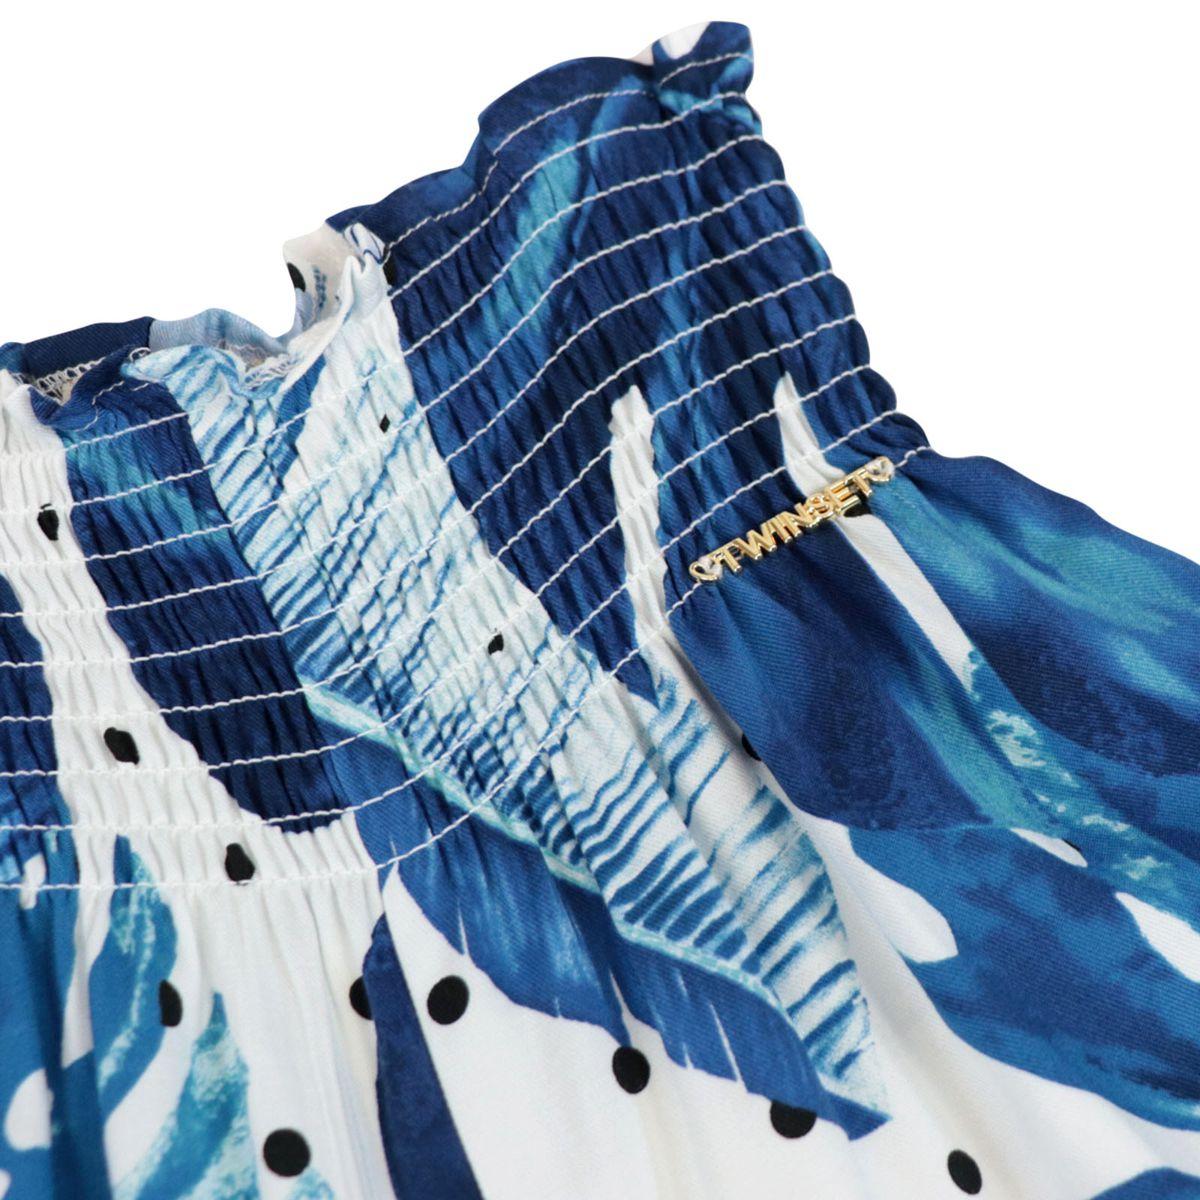 Pantalone cropped in twill con elastico punto smock in vita Bianco/azzurro Twin-Set